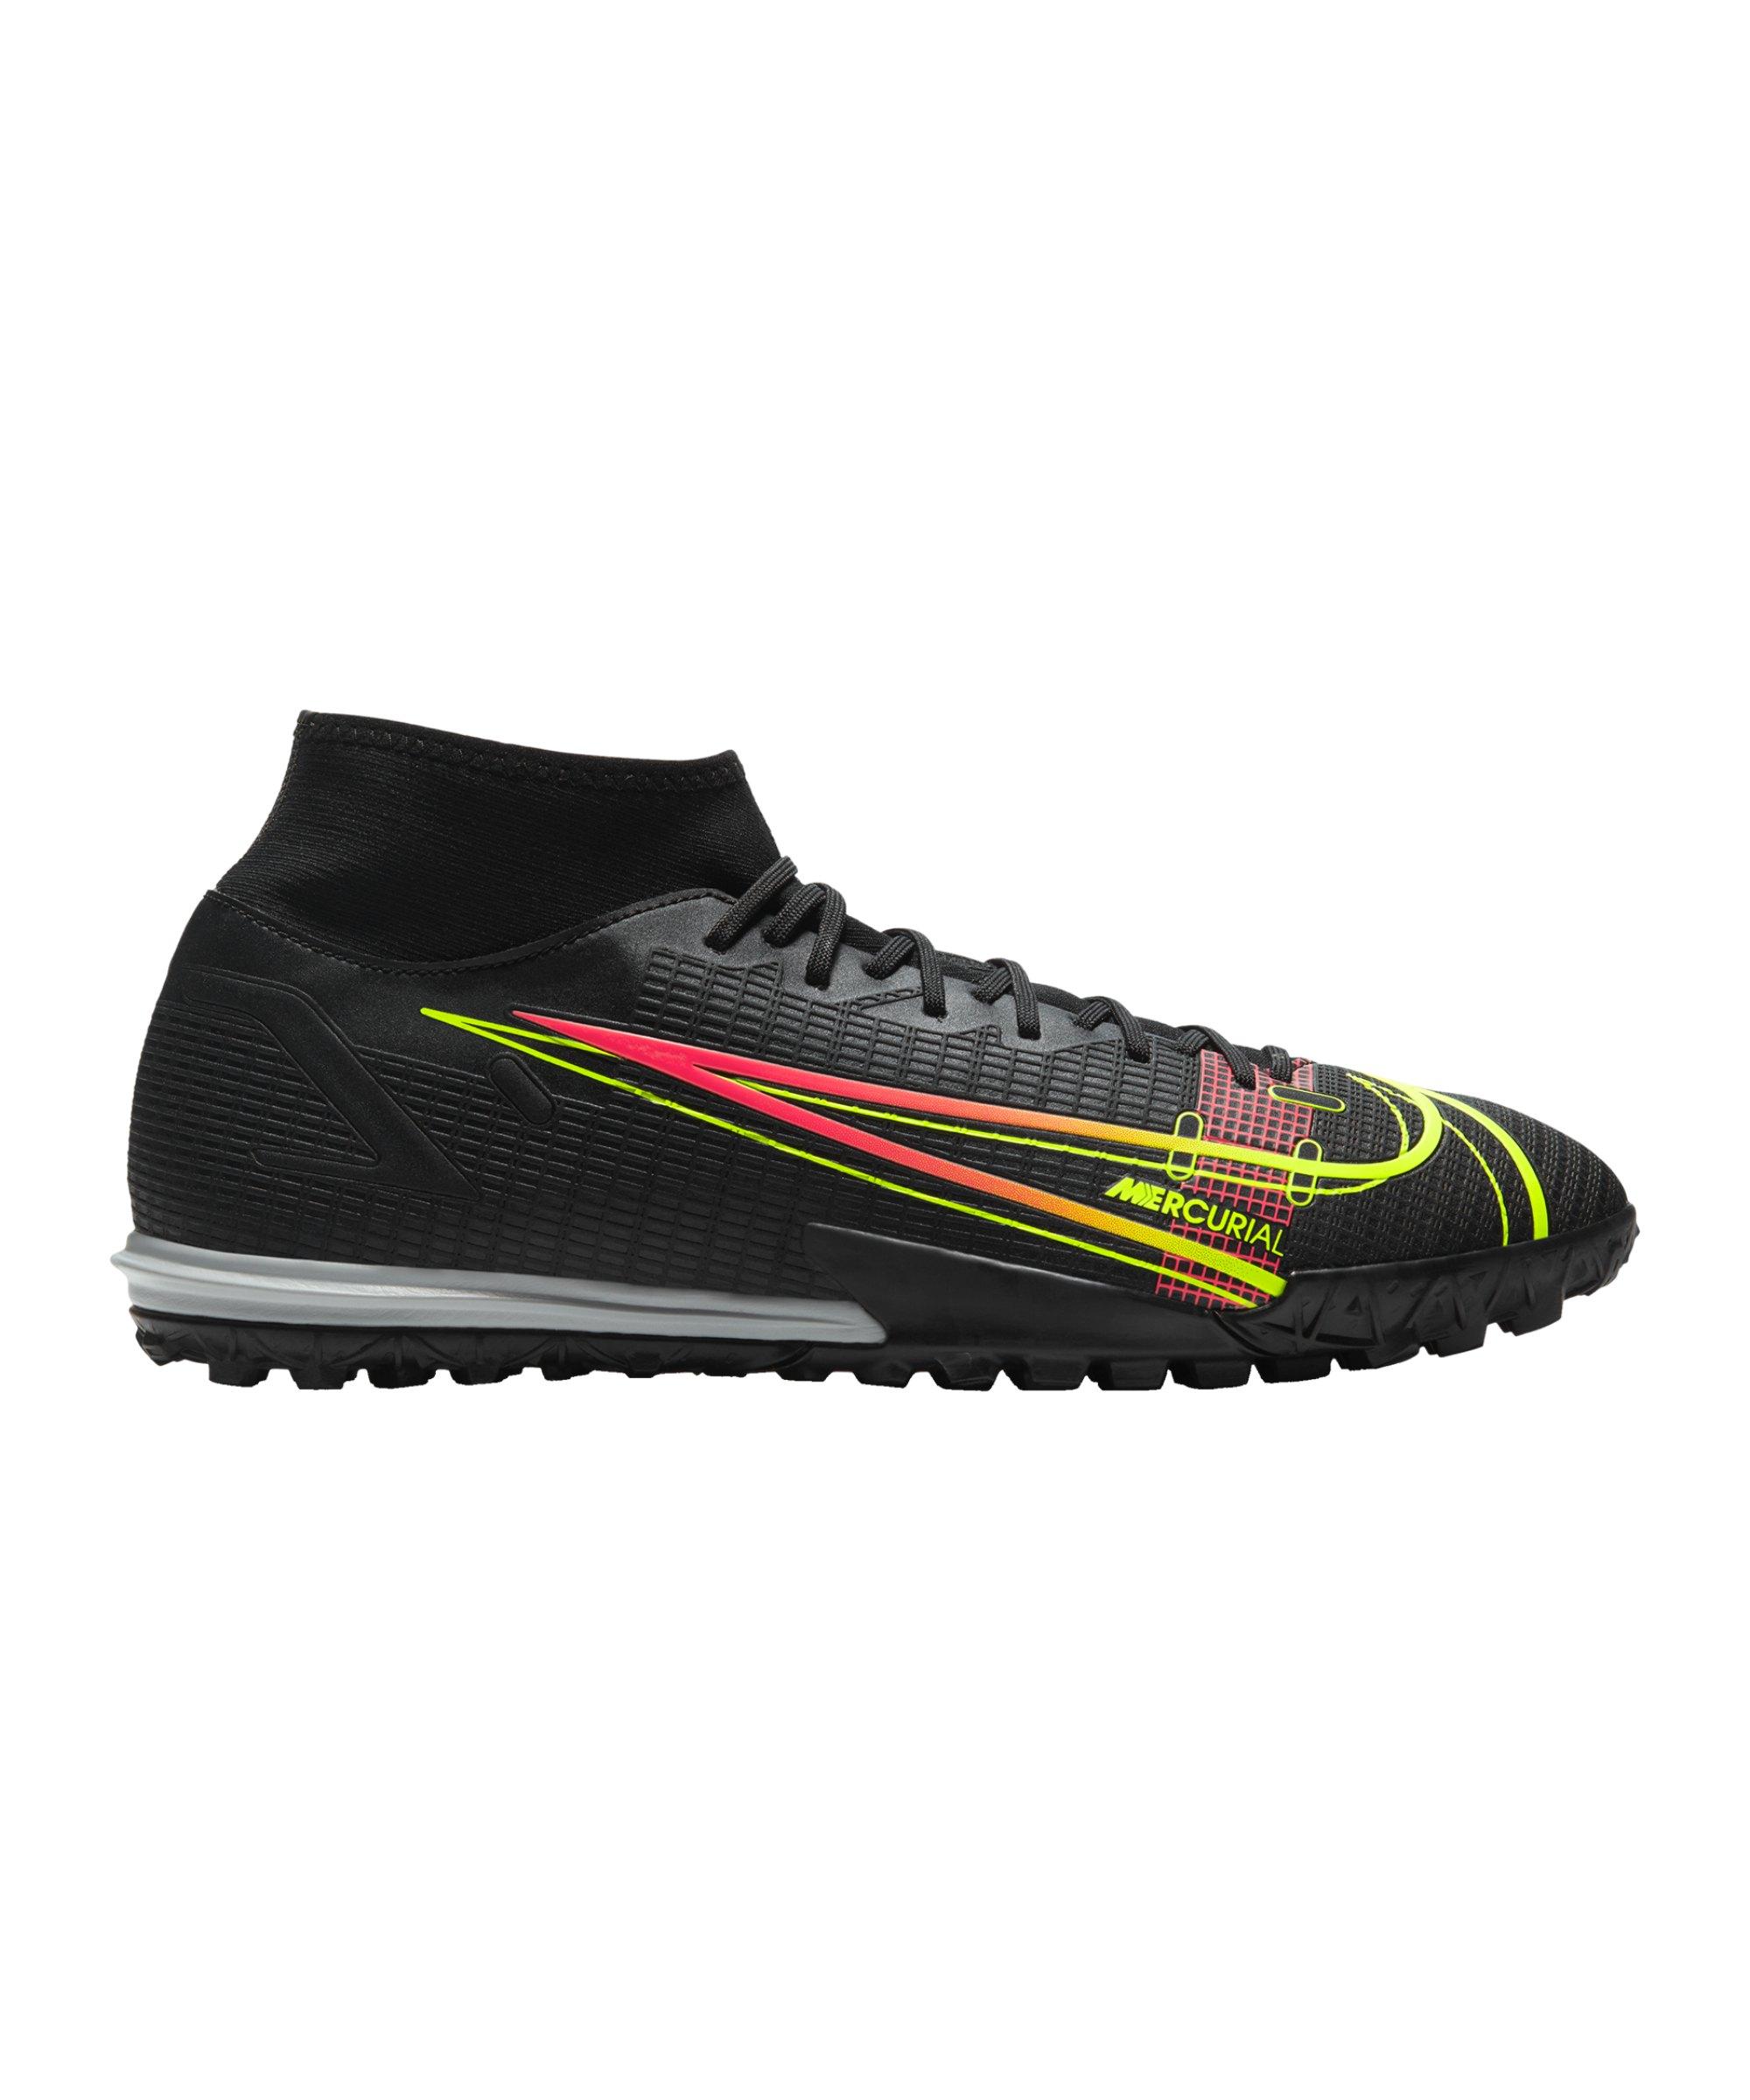 Nike Mercurial Superfly VIII Black X Prism Academy TF Schwarz F090 - schwarz